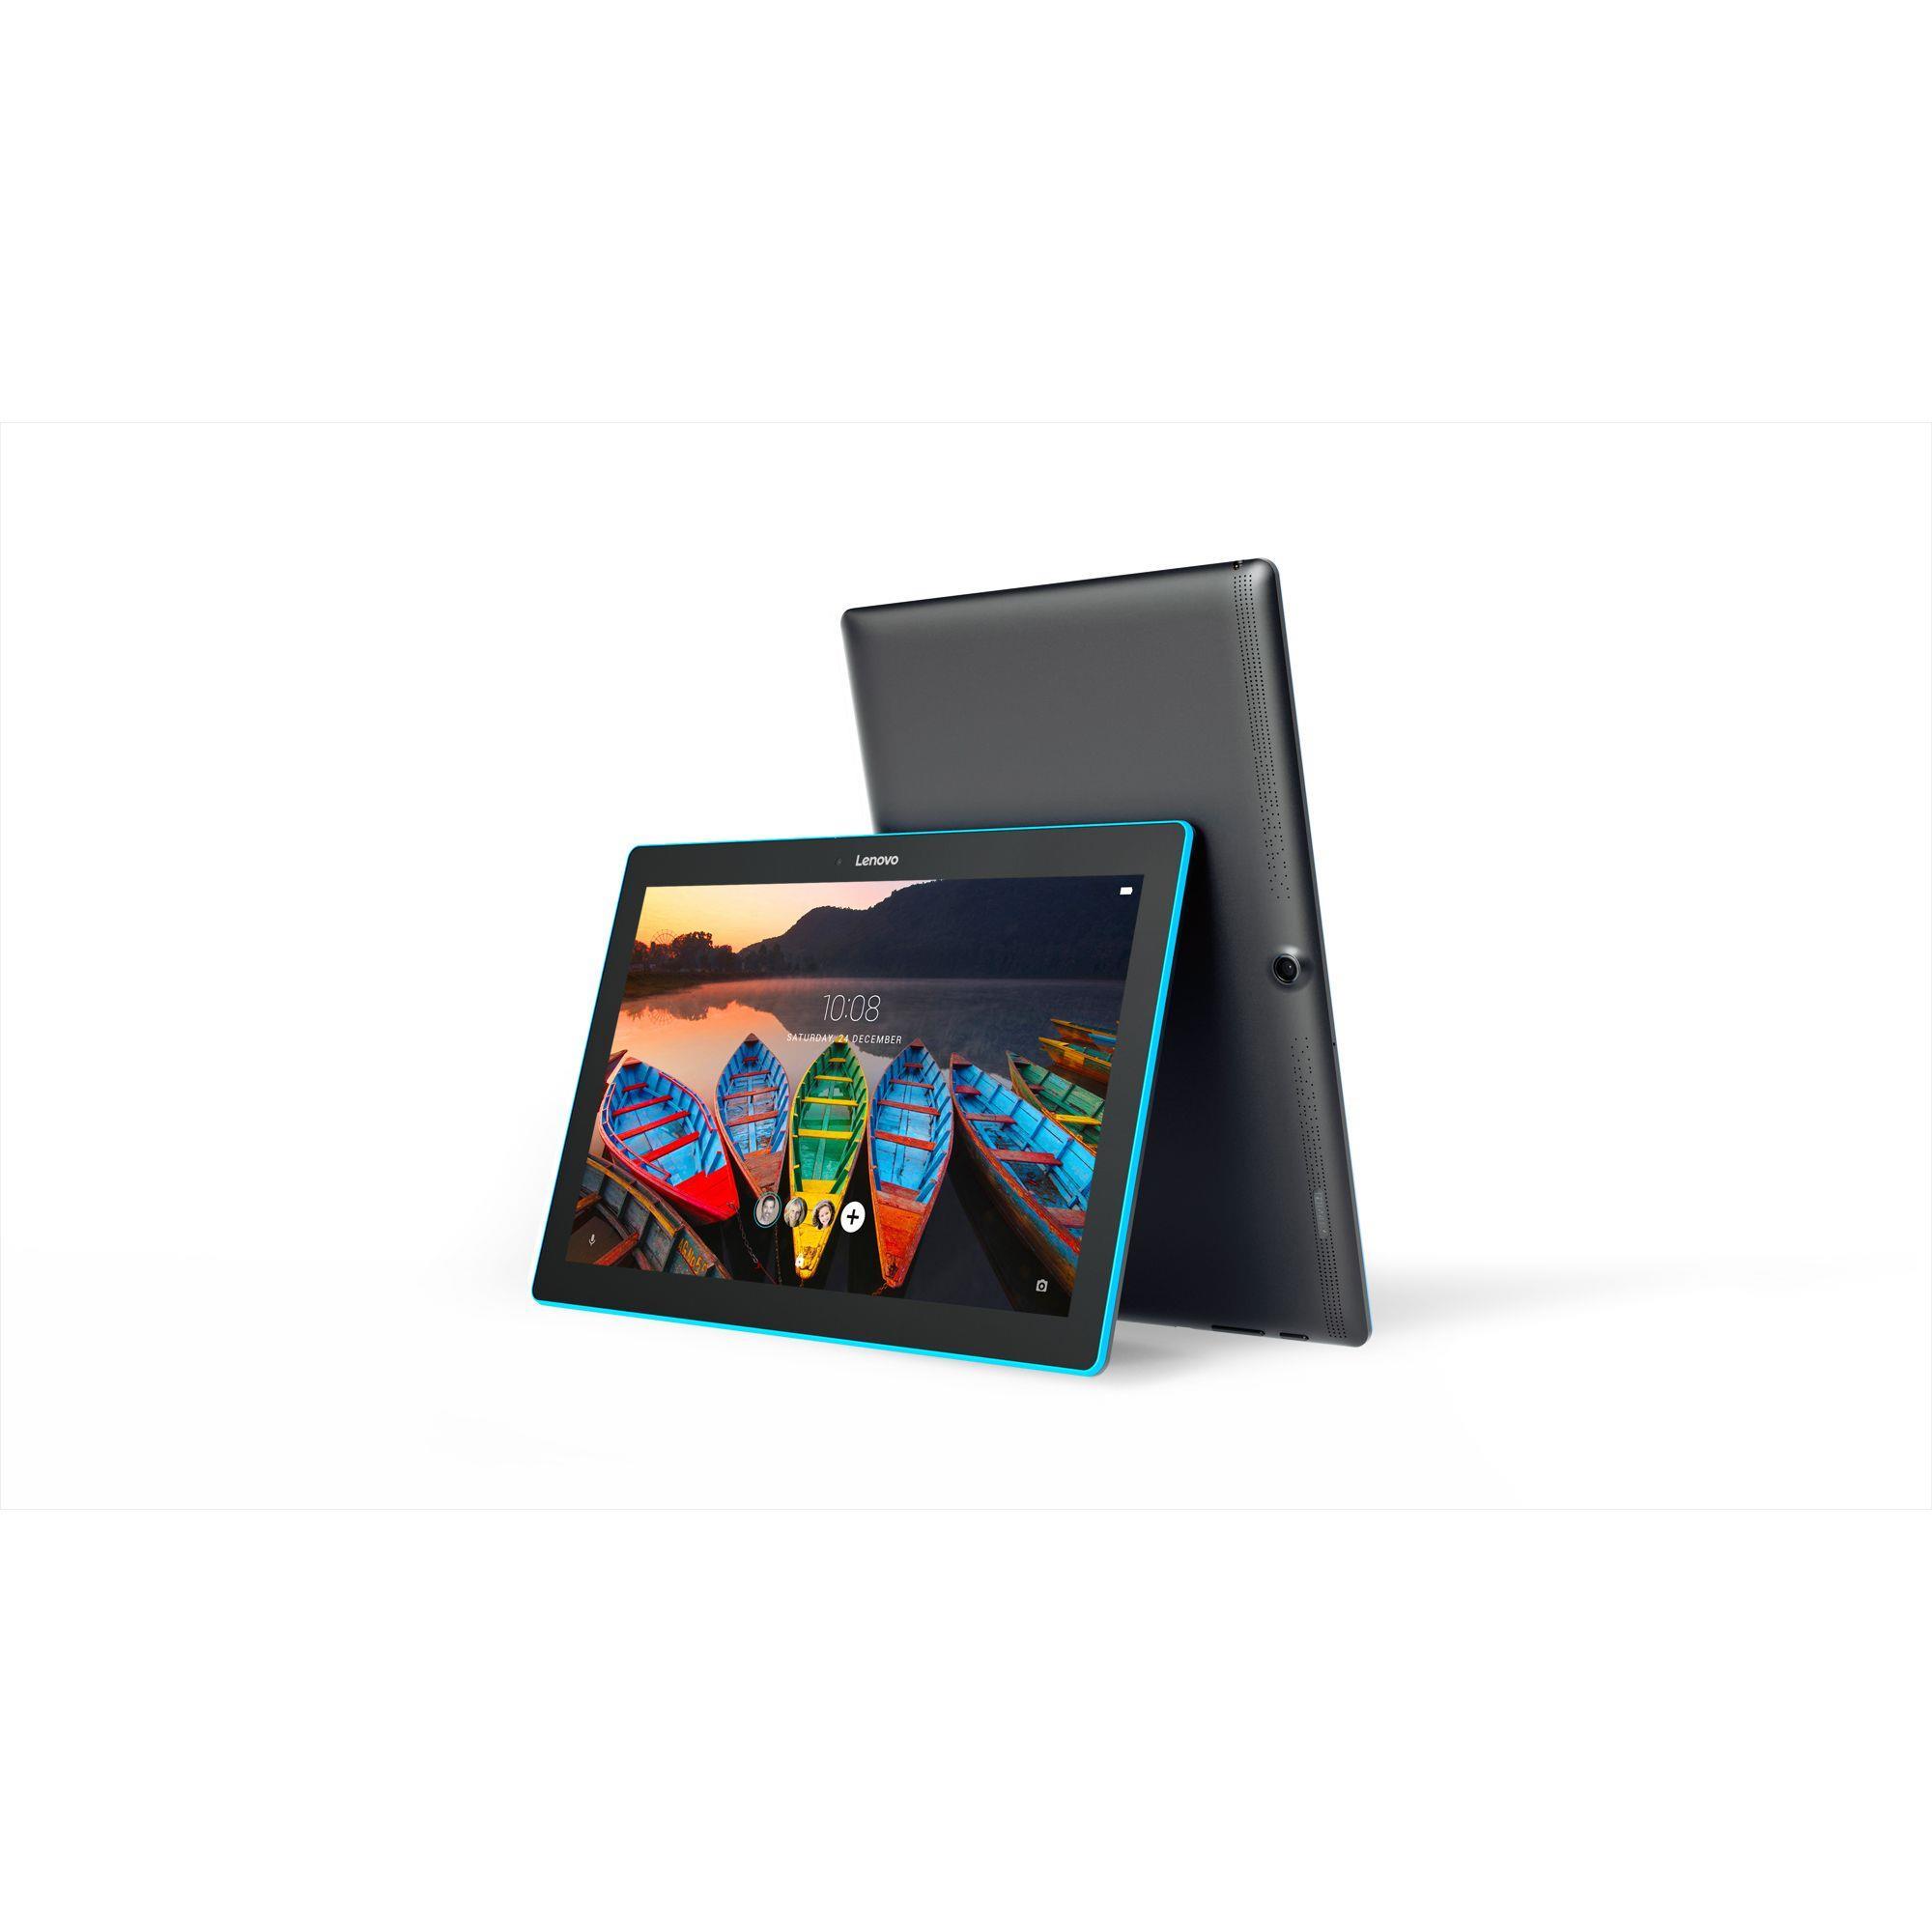 Tablet Lenovo TAB 10 TB-X103F 10.1 cal  APQ8009 1GB 16GB GPS Andr.6.0 Black